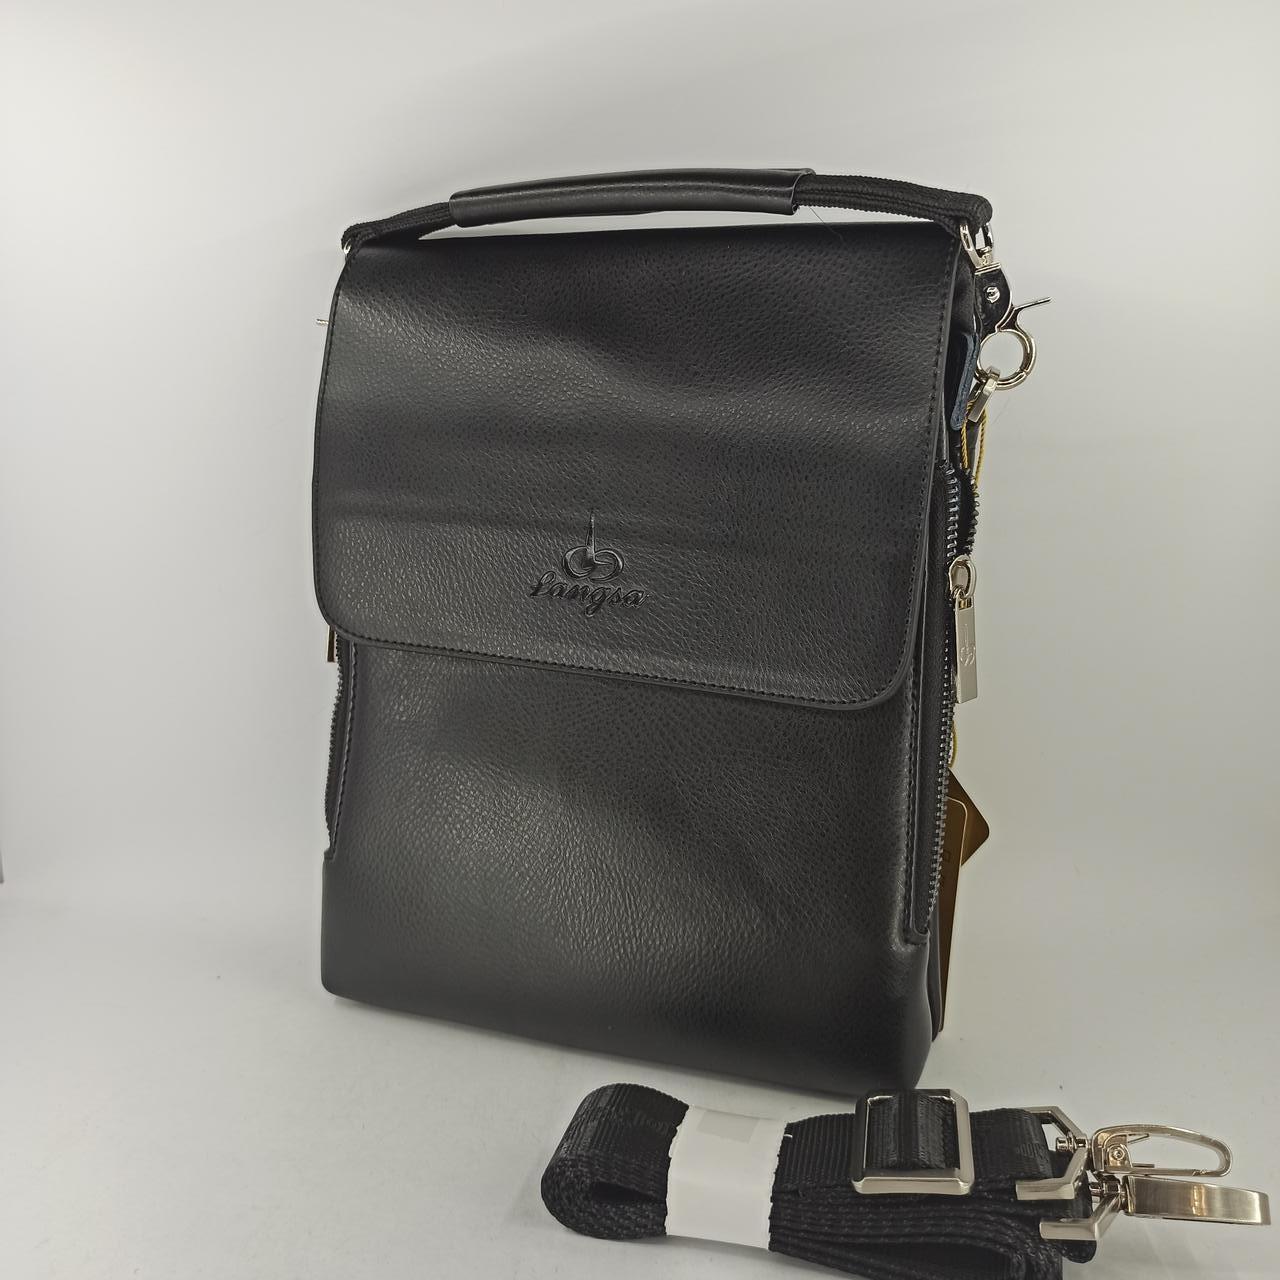 Мужская кожаная сумка планшет через плечо Langsa 8868-2